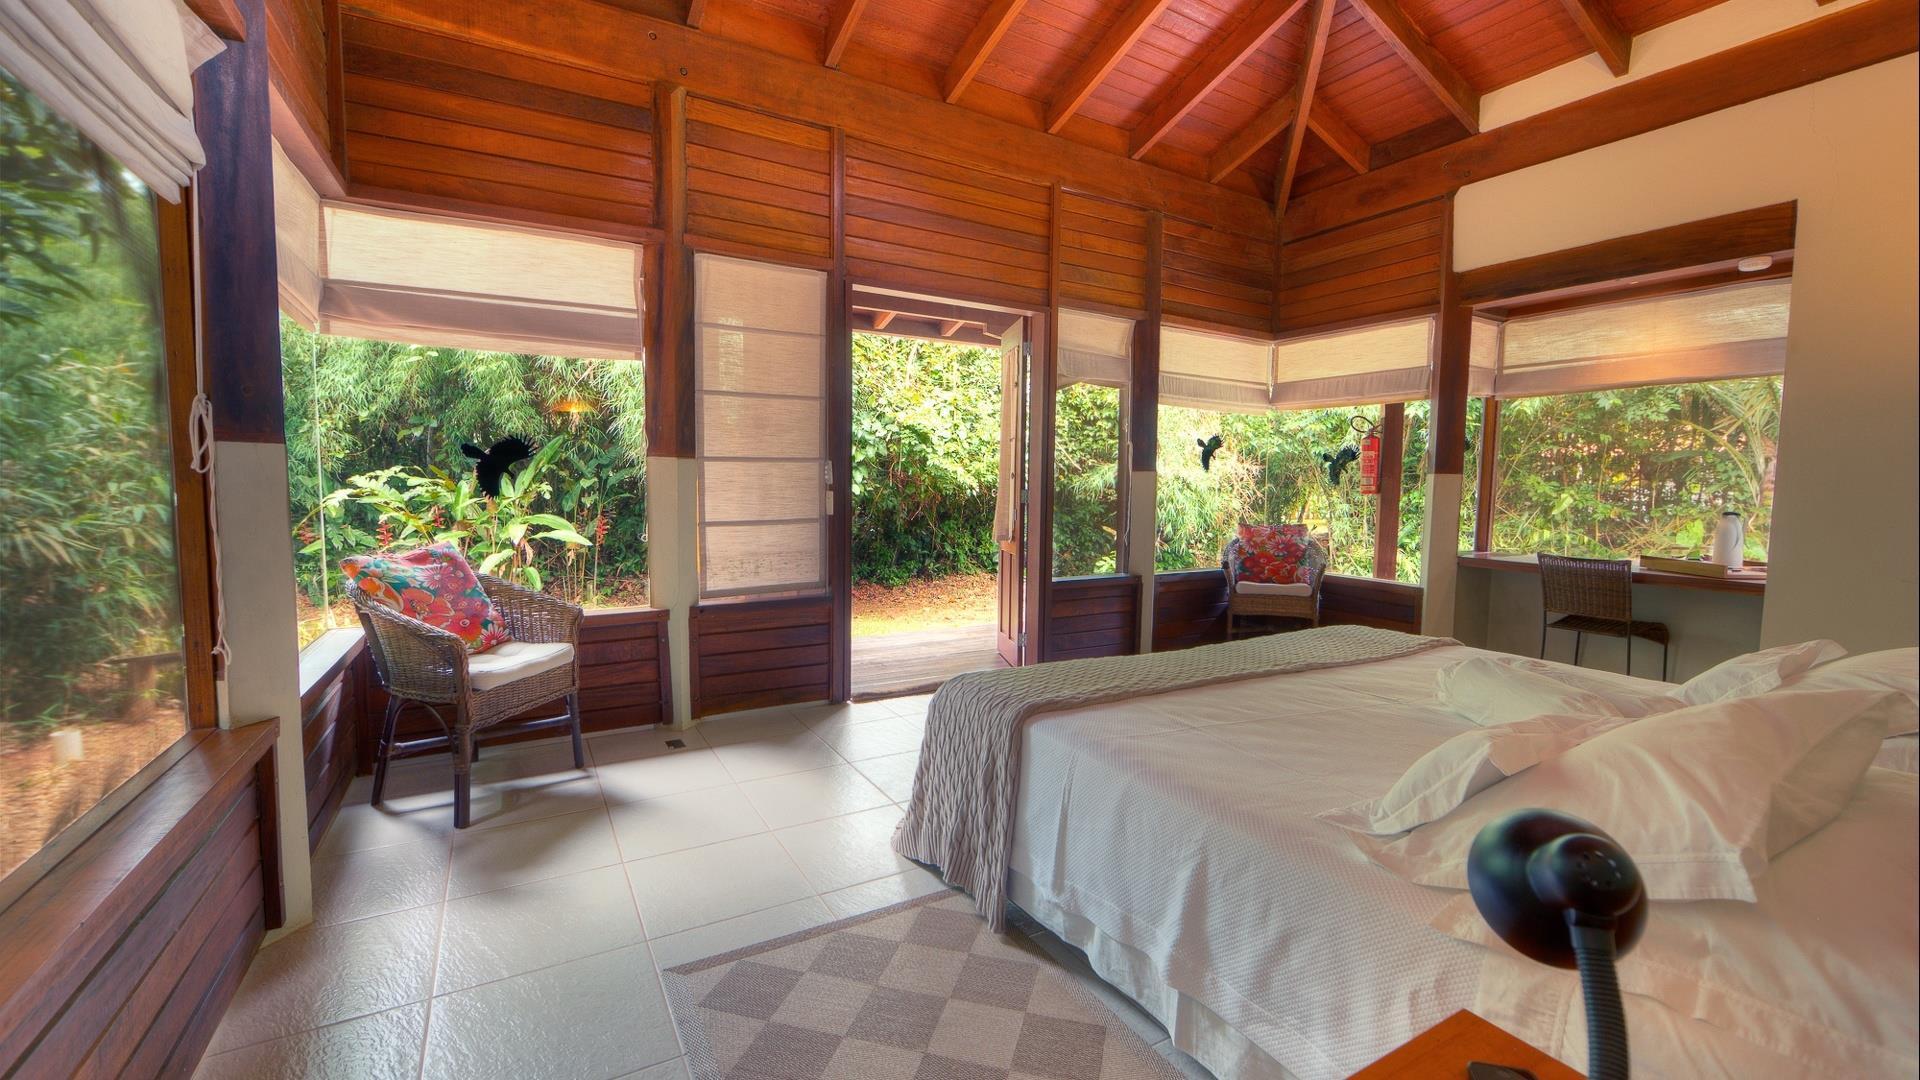 Brasilien Alta Floresta: Reisebausteine - Cristalino Lodge naturnah erleben